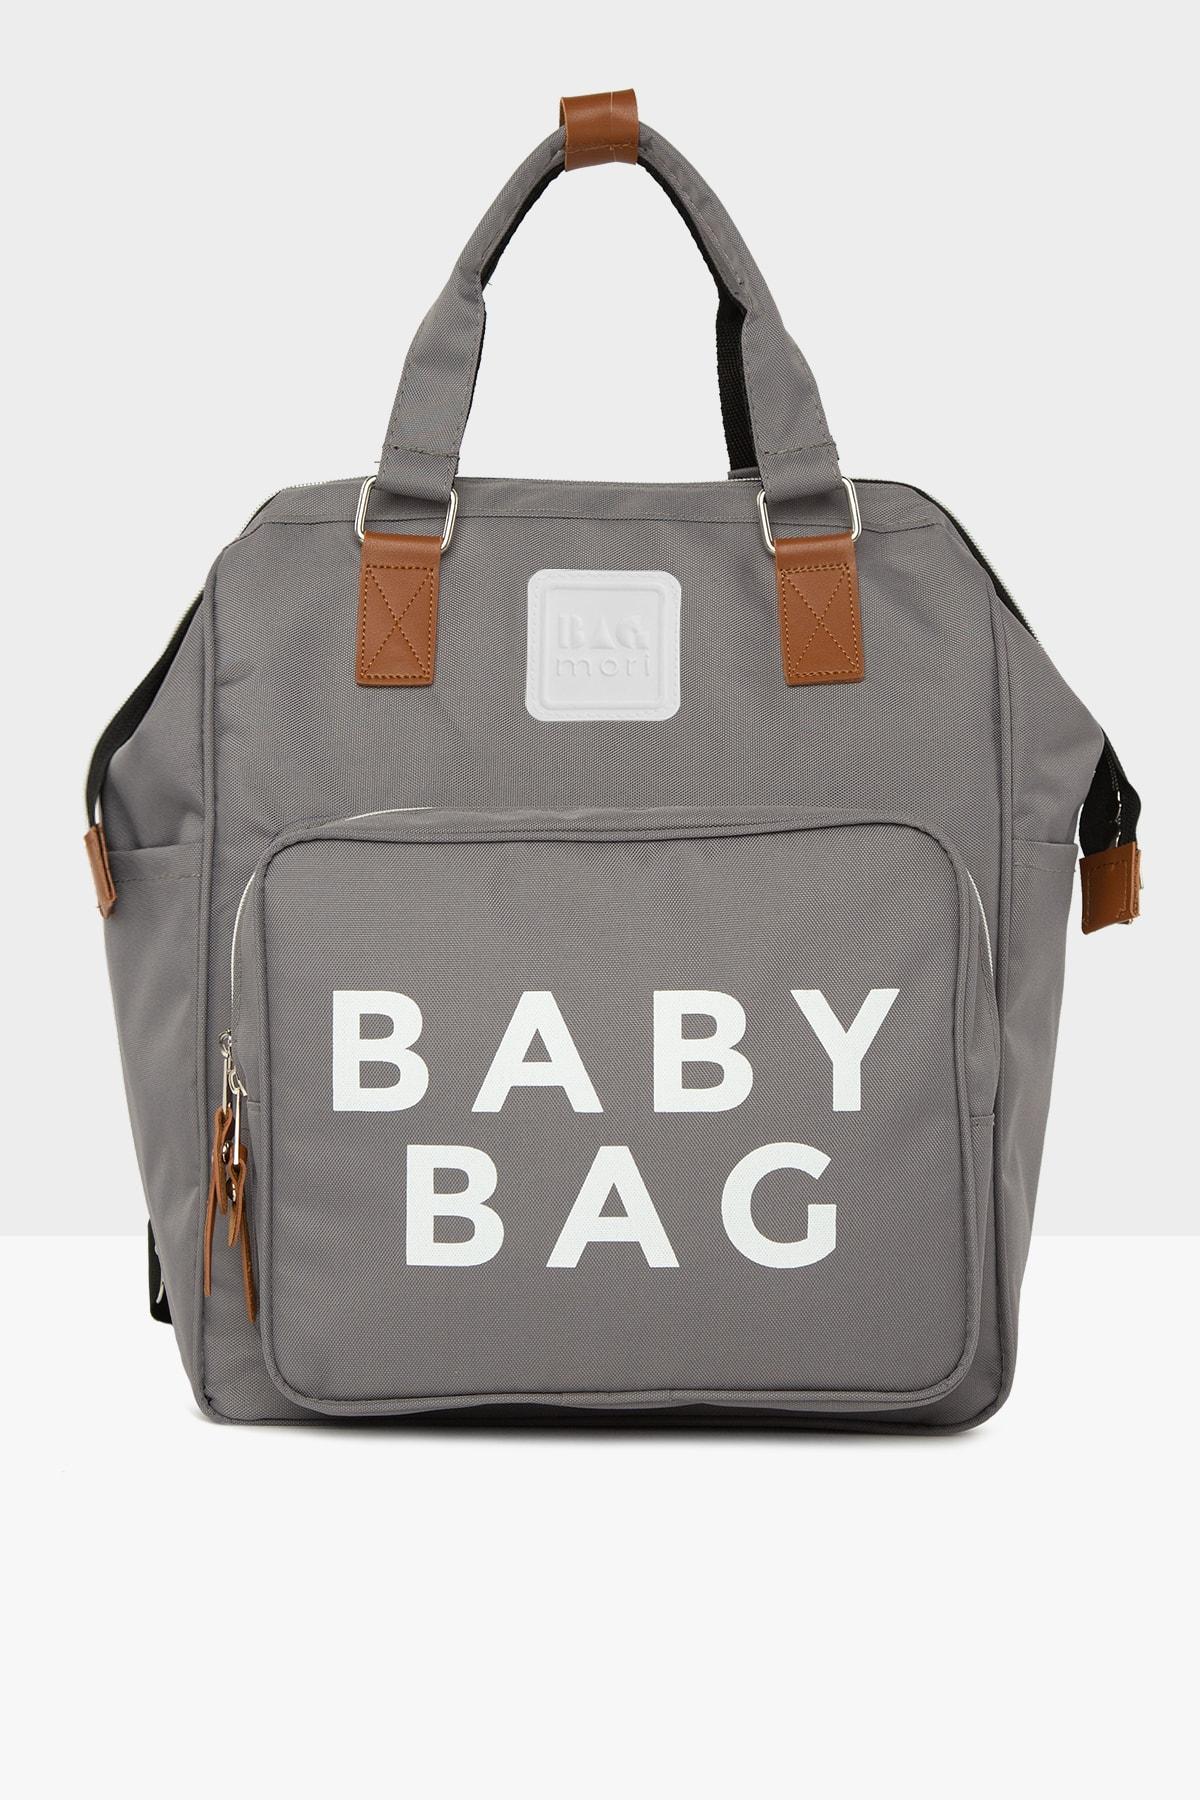 Bagmori Gri Baby Bag Baskılı Cepli Anne Bebek Bakım Sırt Çantası M000005163